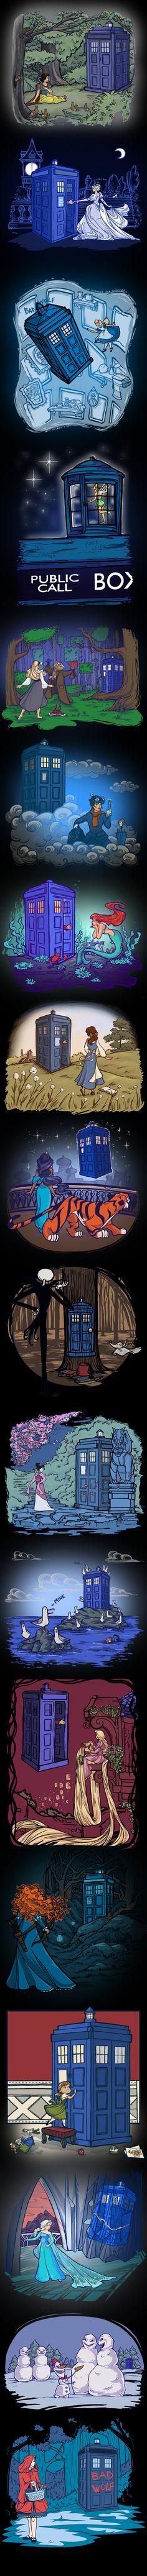 Karen Hallion Disney  Doctor Who mashups on TeeFury